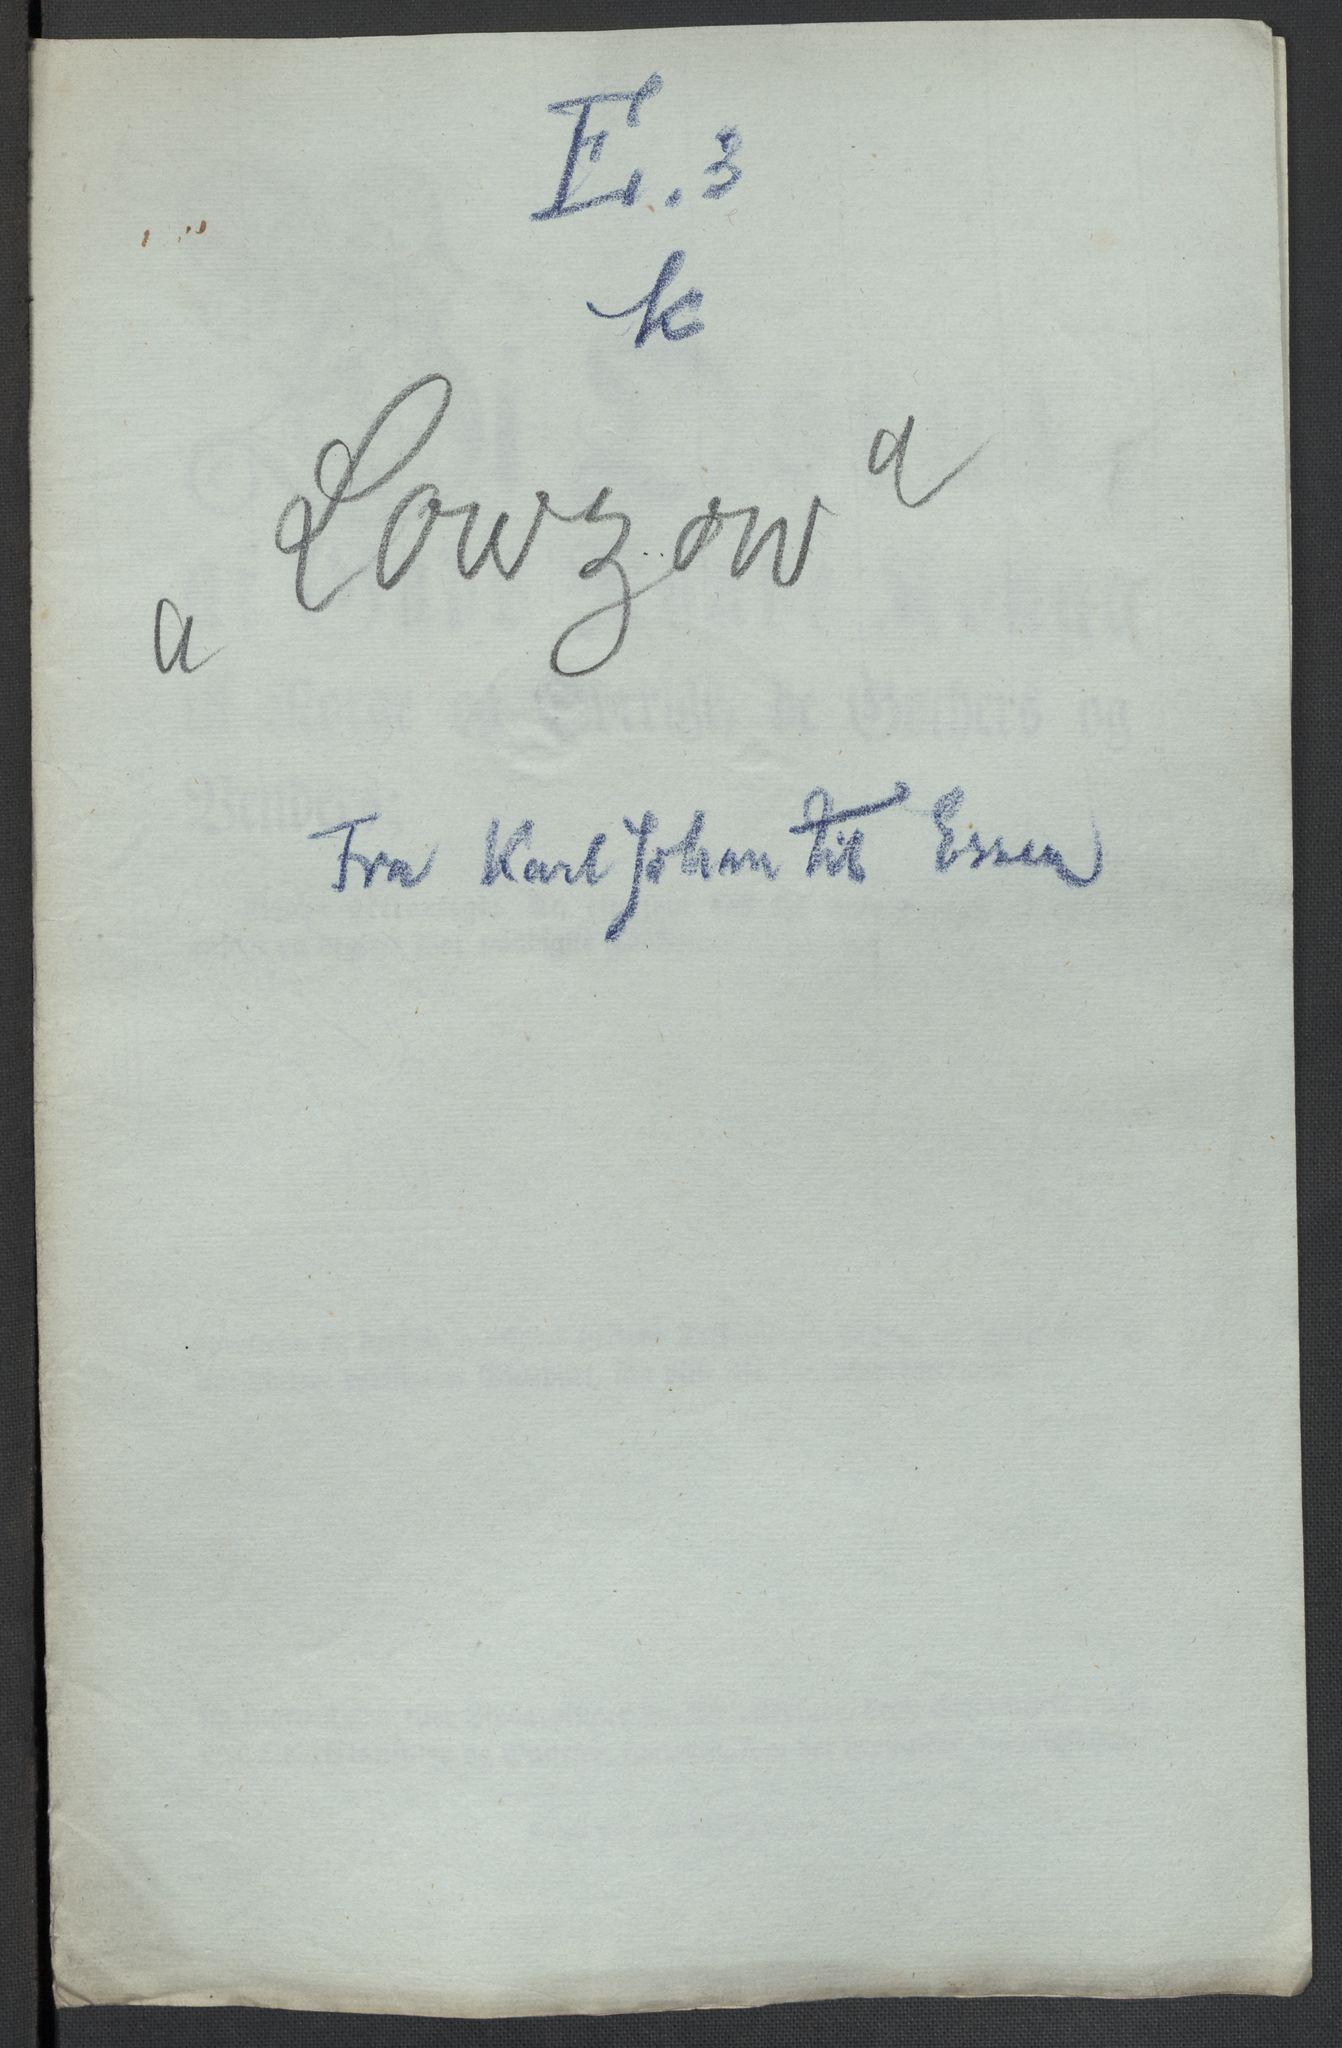 RA, Christie, Wilhelm Frimann Koren, F/L0005, 1815-1816, s. 255